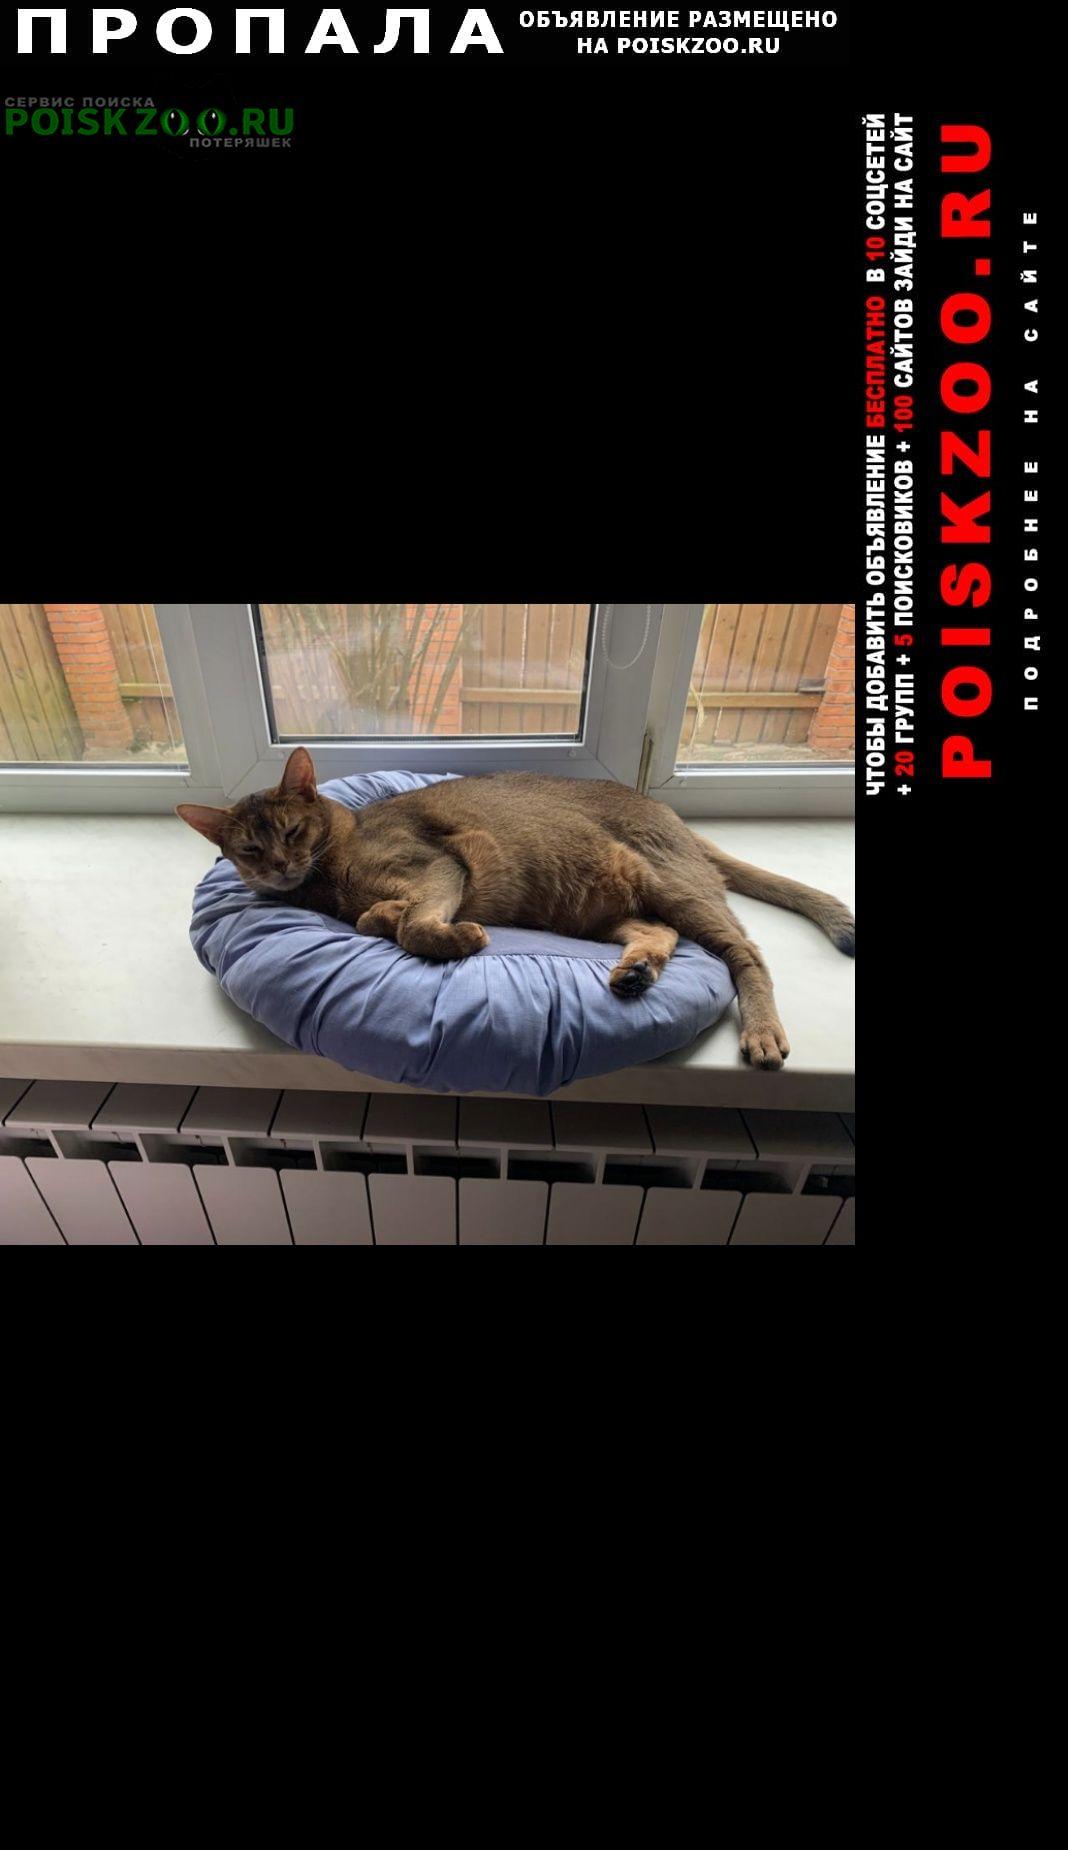 Пропала кошка кот рыжий 9 лет Серпухов